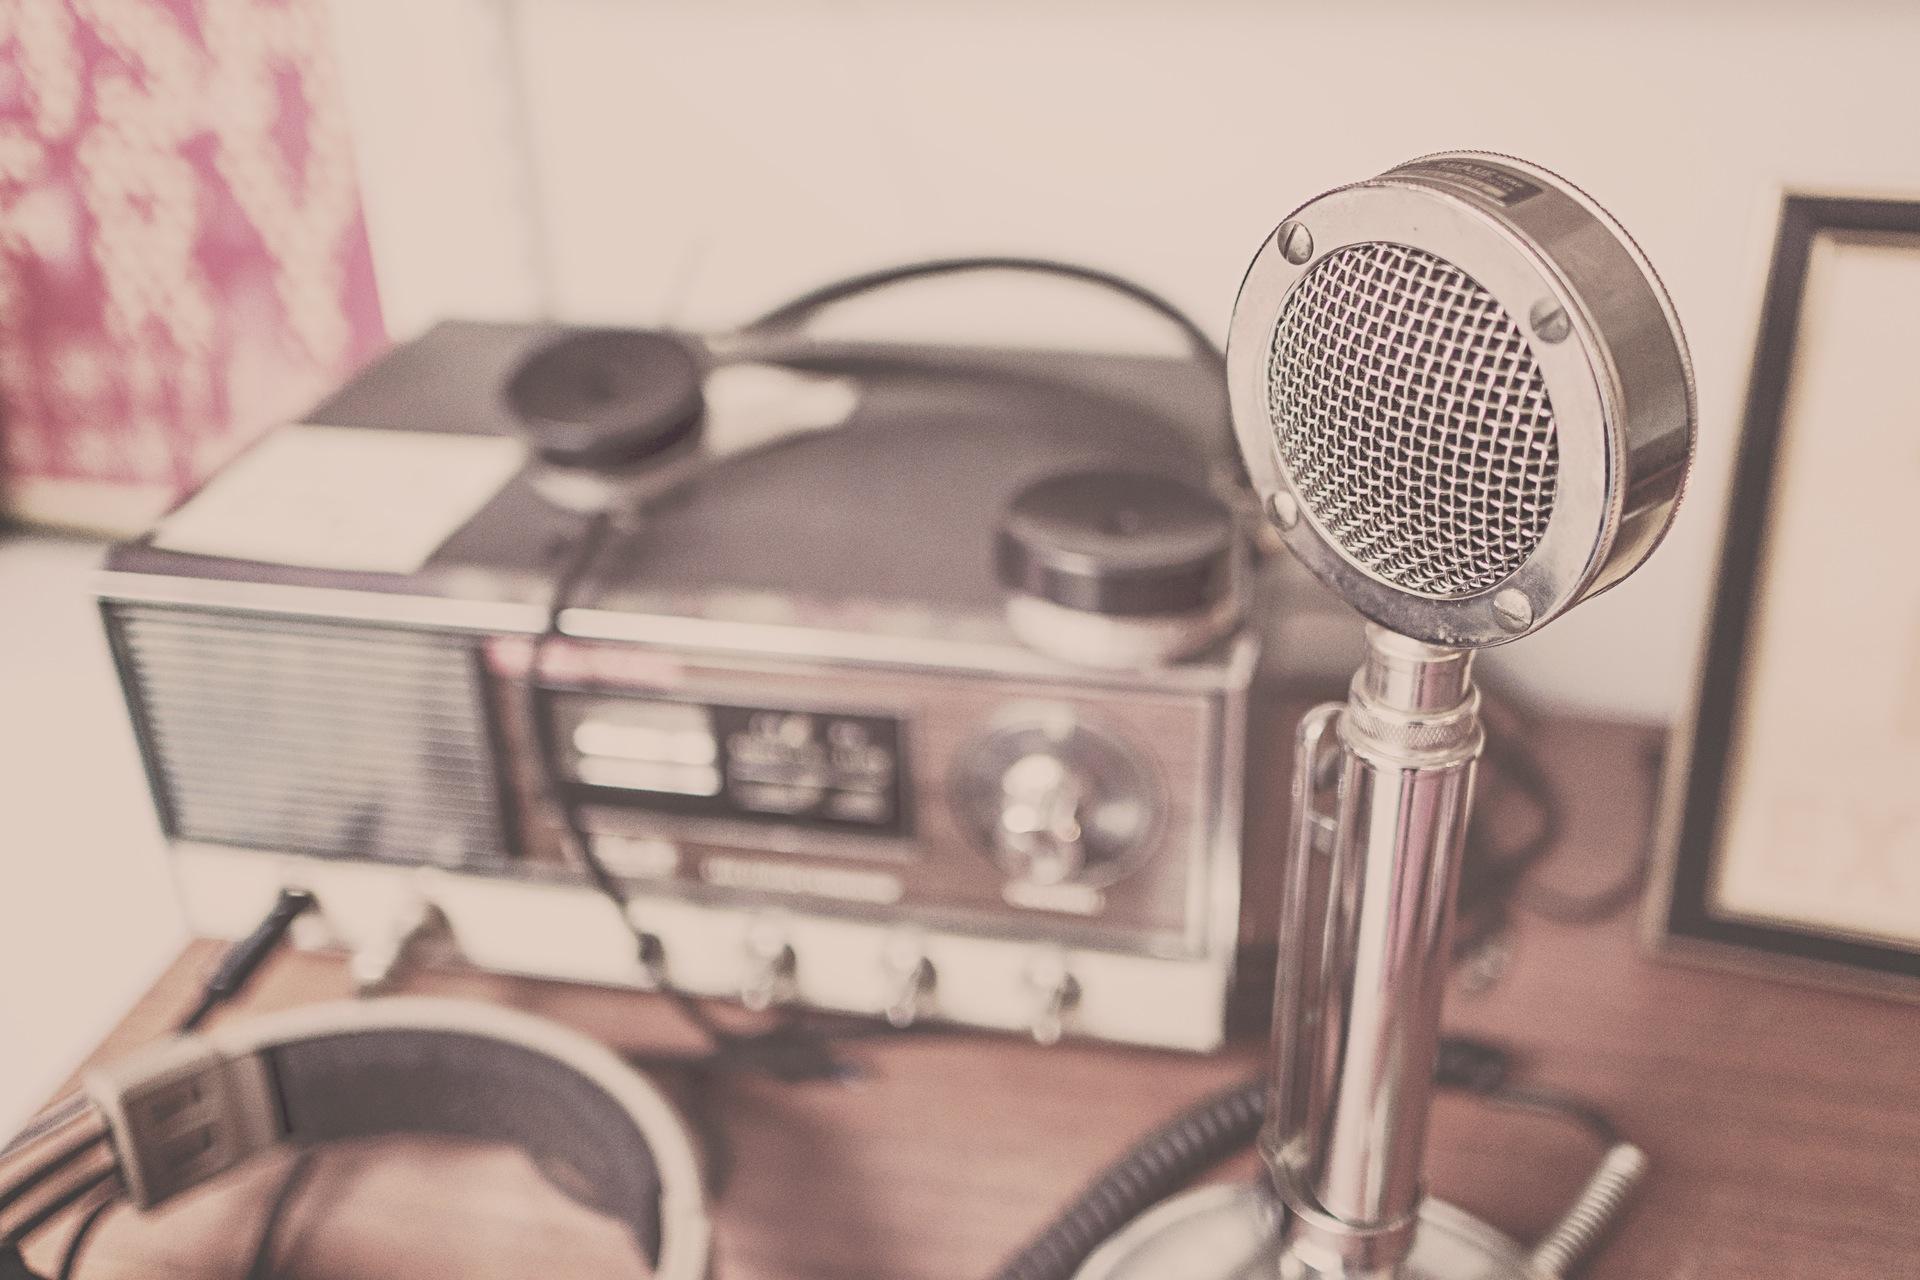 Радио, микрофон, спикер, звук, аудио, Винтаж, Старый - Обои HD - Профессор falken.com